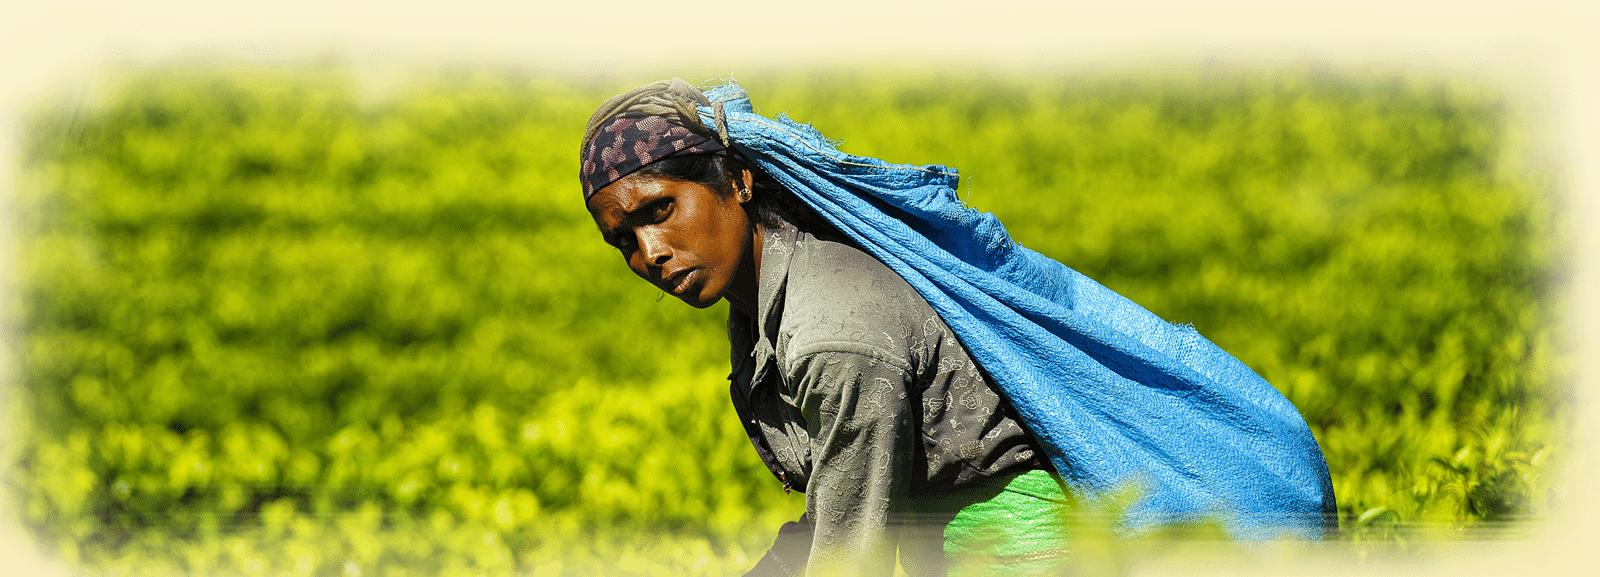 img-piedpage - img-piedpage-srilanka.png